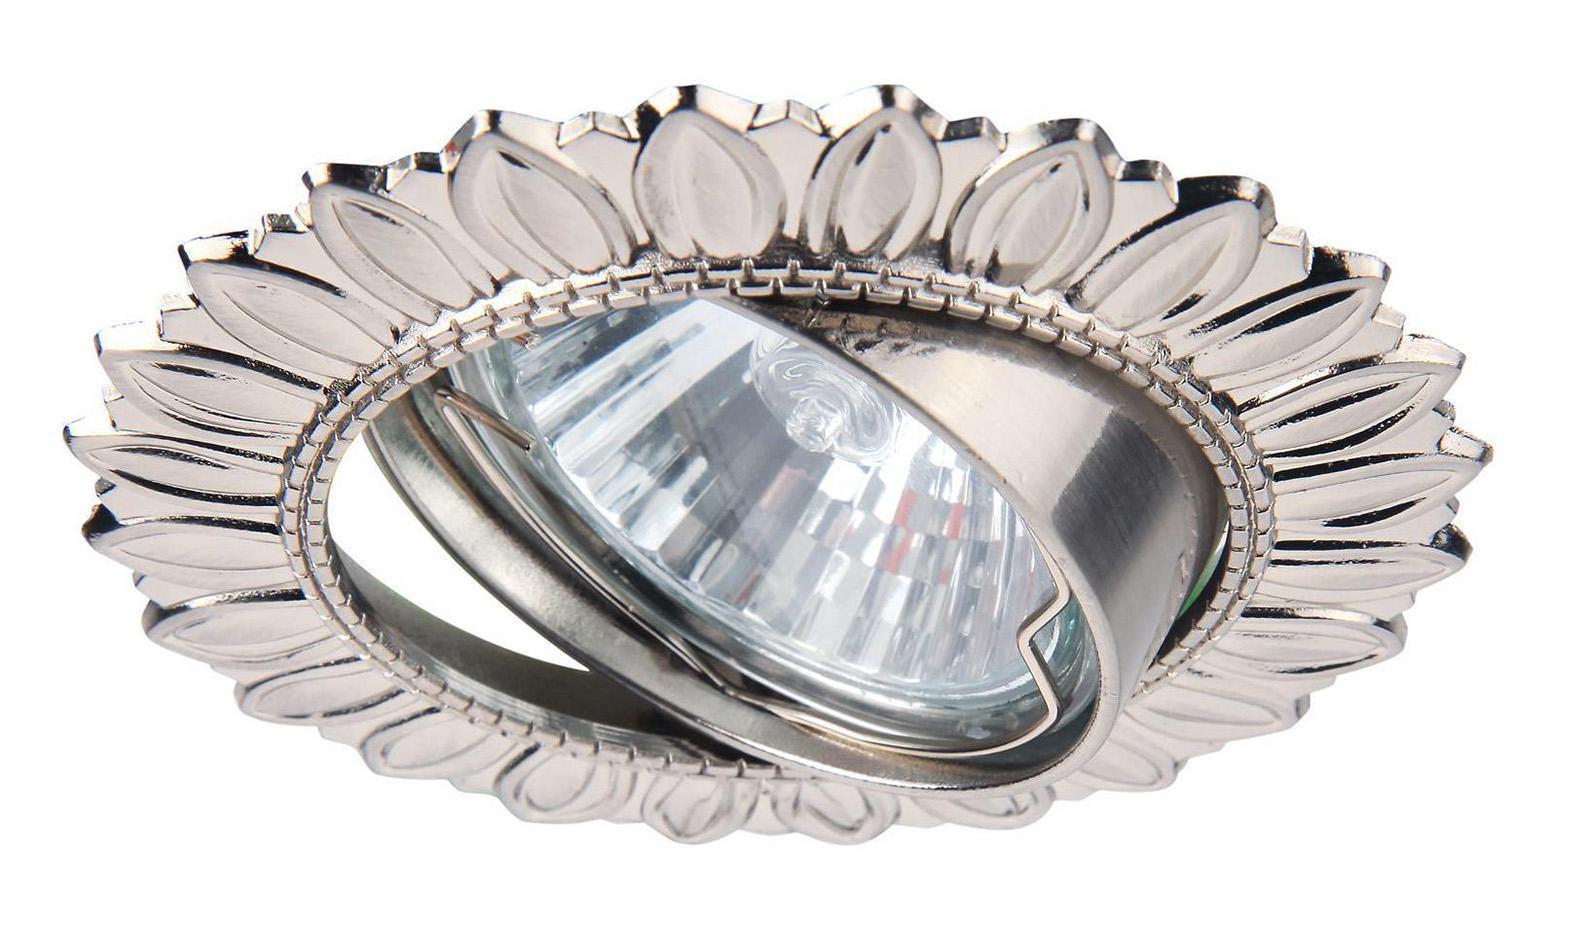 A2110PL-3SS ECLIPSE Встраиваемый светильникA2110PL-3SS3xGU10x50W Материал: Арматура: Металл, литьеРазмер: 90x90x113Цвет: Матовое серебро